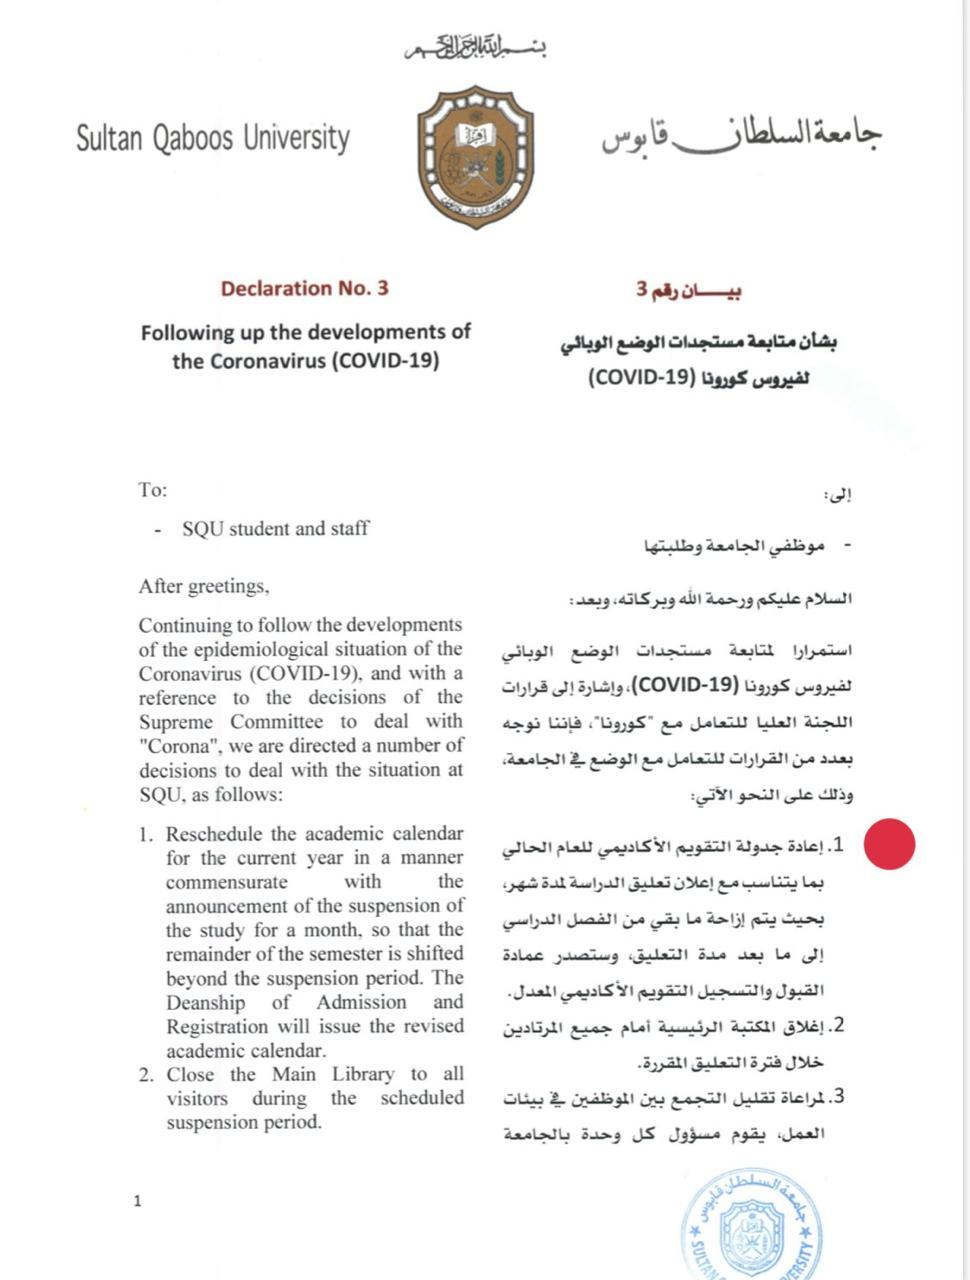 جامعة السلطان تصدر بيان بشأن آلية الدراسة بعد التعليق